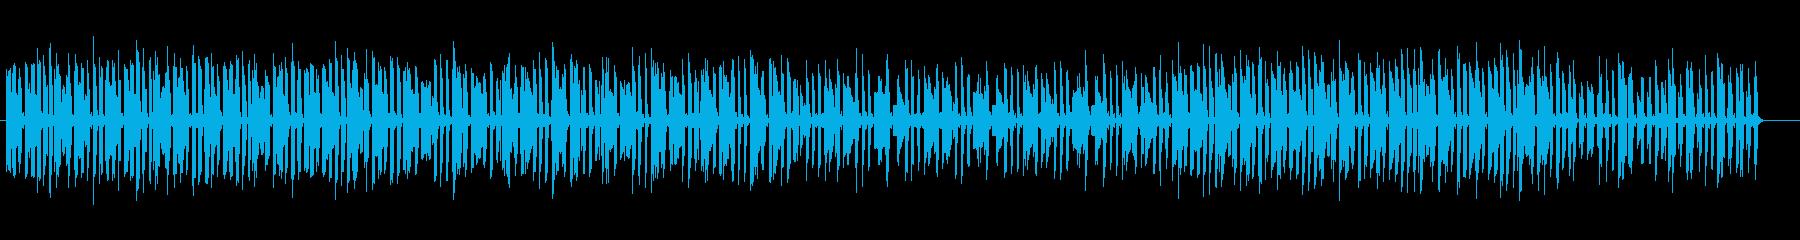 落ち着いた音のミュージックの再生済みの波形